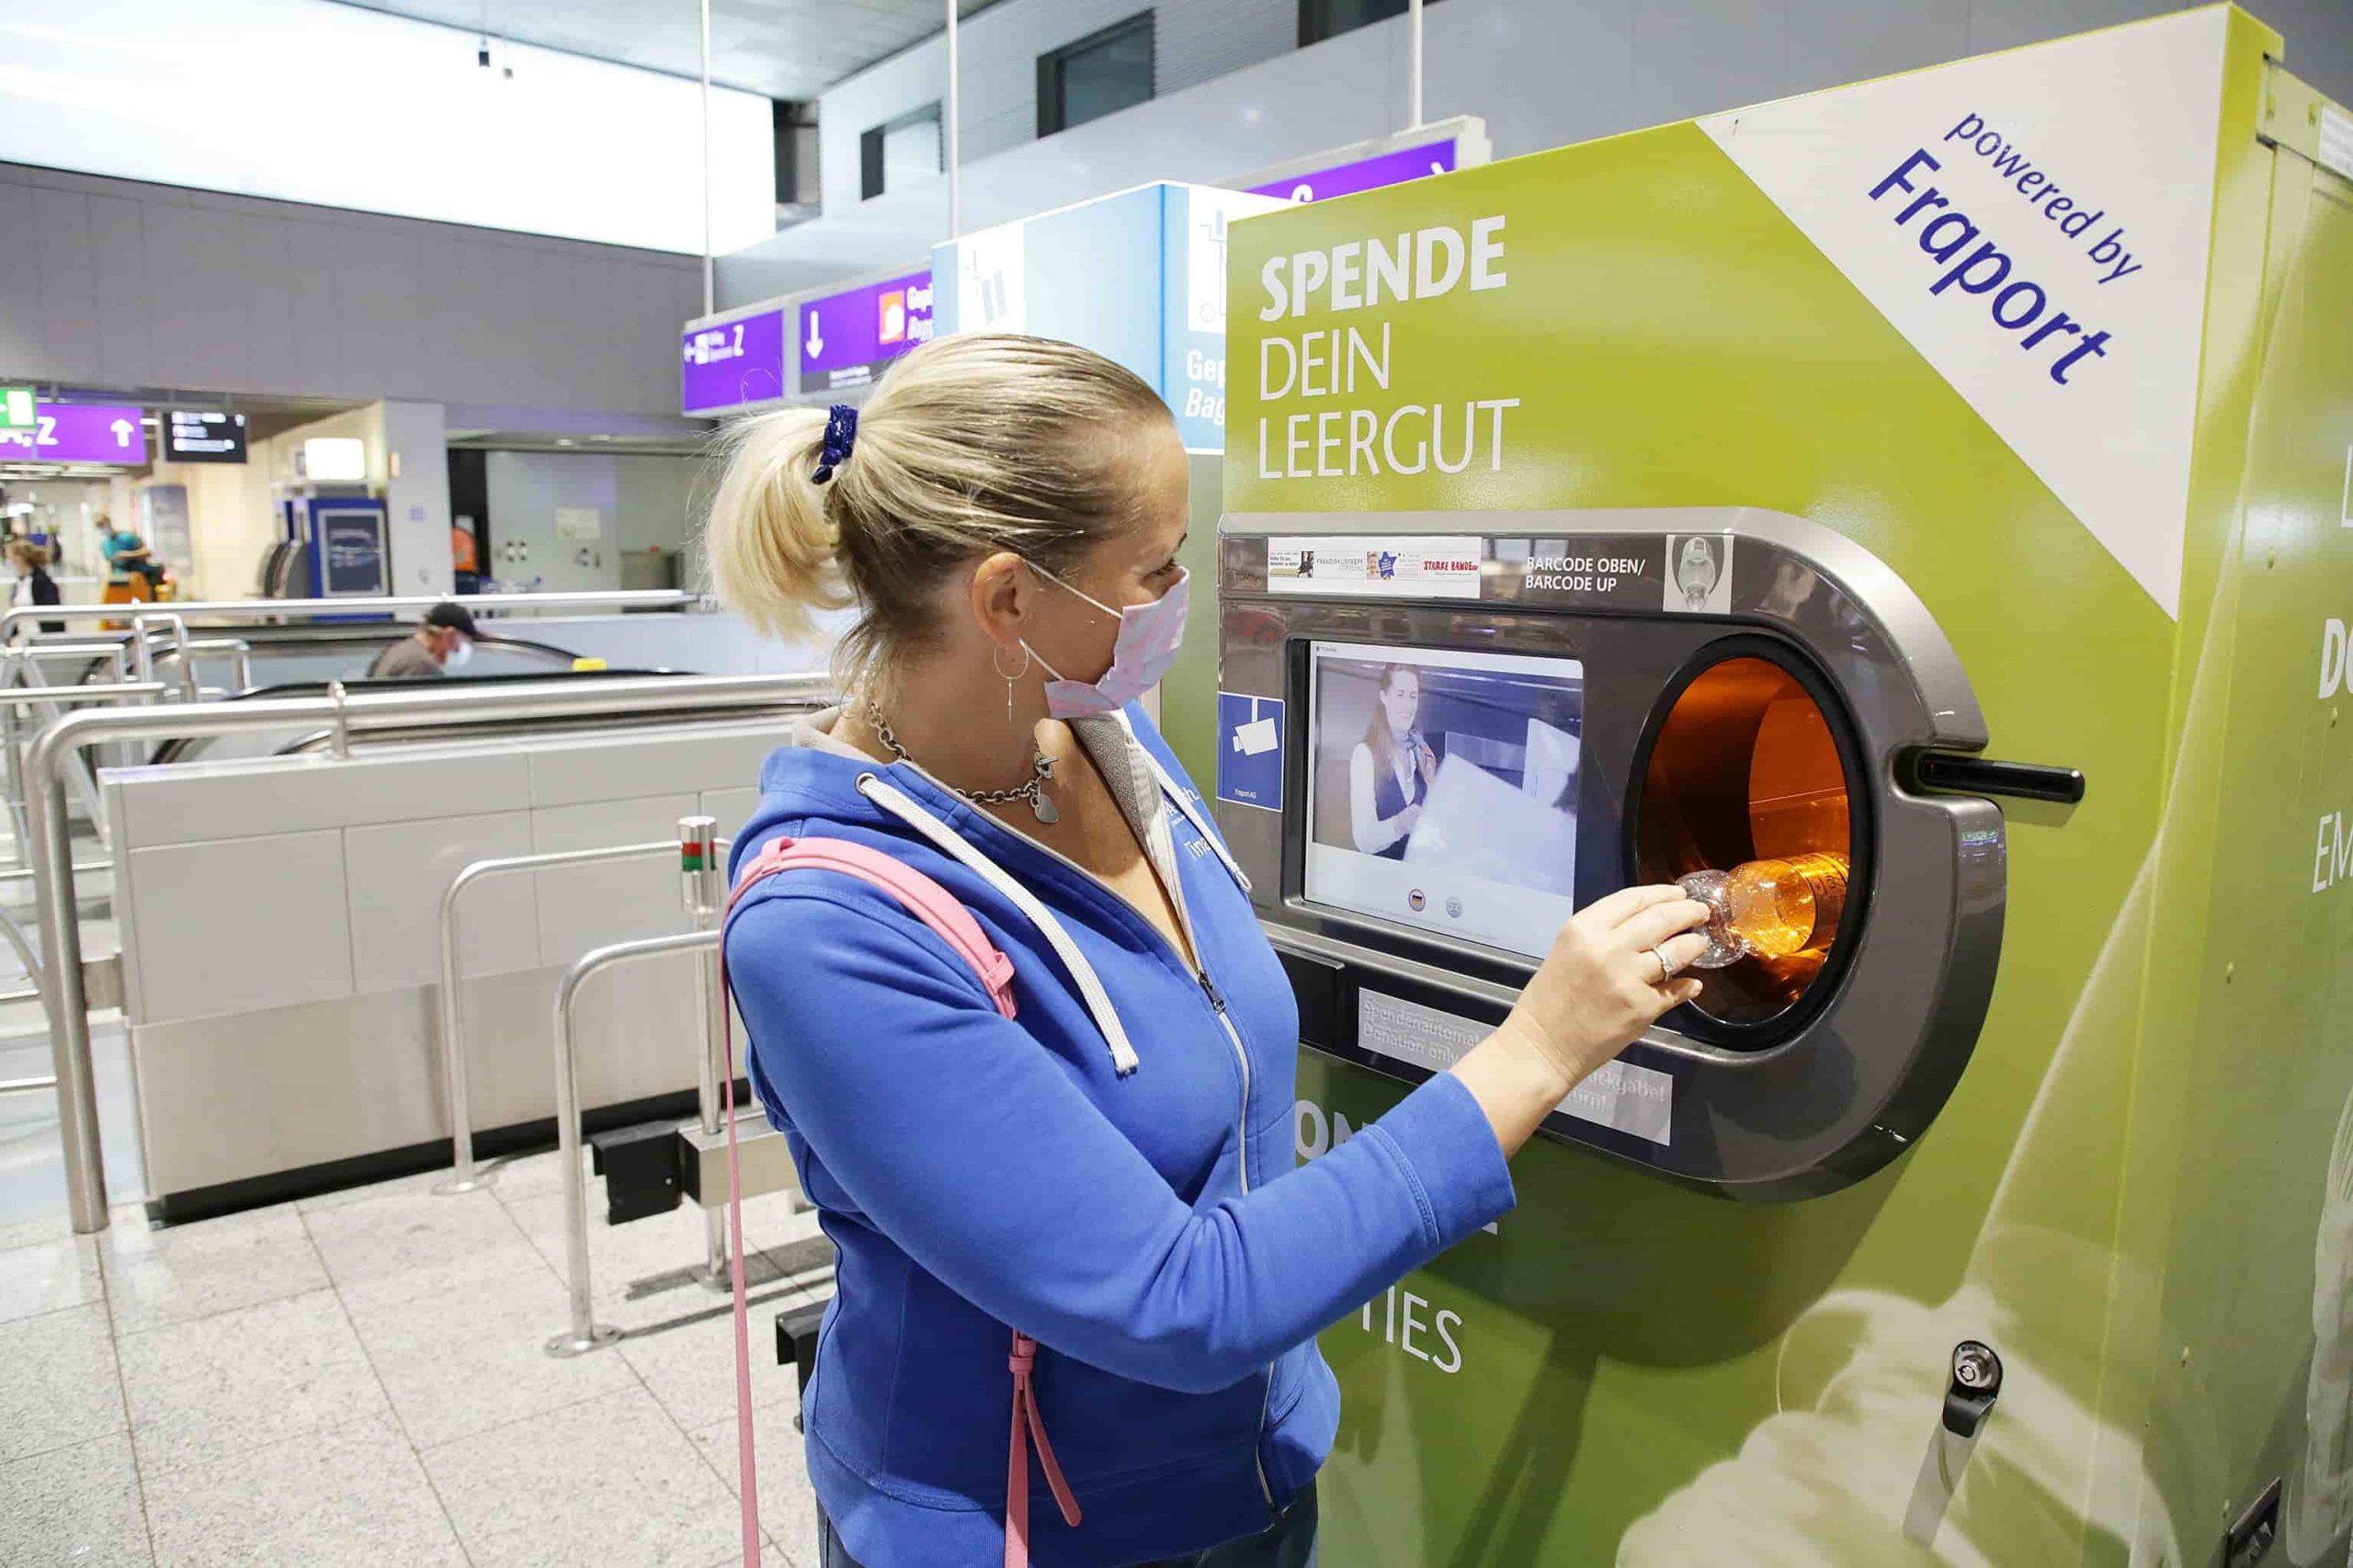 Make-A-Wish-Deutschland-Aktuelles-Pfandflaschen am Flughafen für Make-A-Wish spenden-fraport